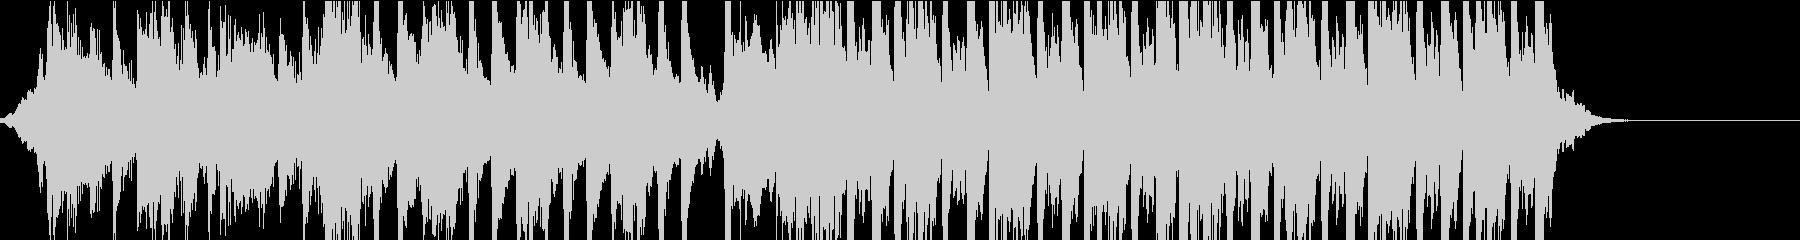 チェロとヴァイオリンによる壮大な重低音の未再生の波形